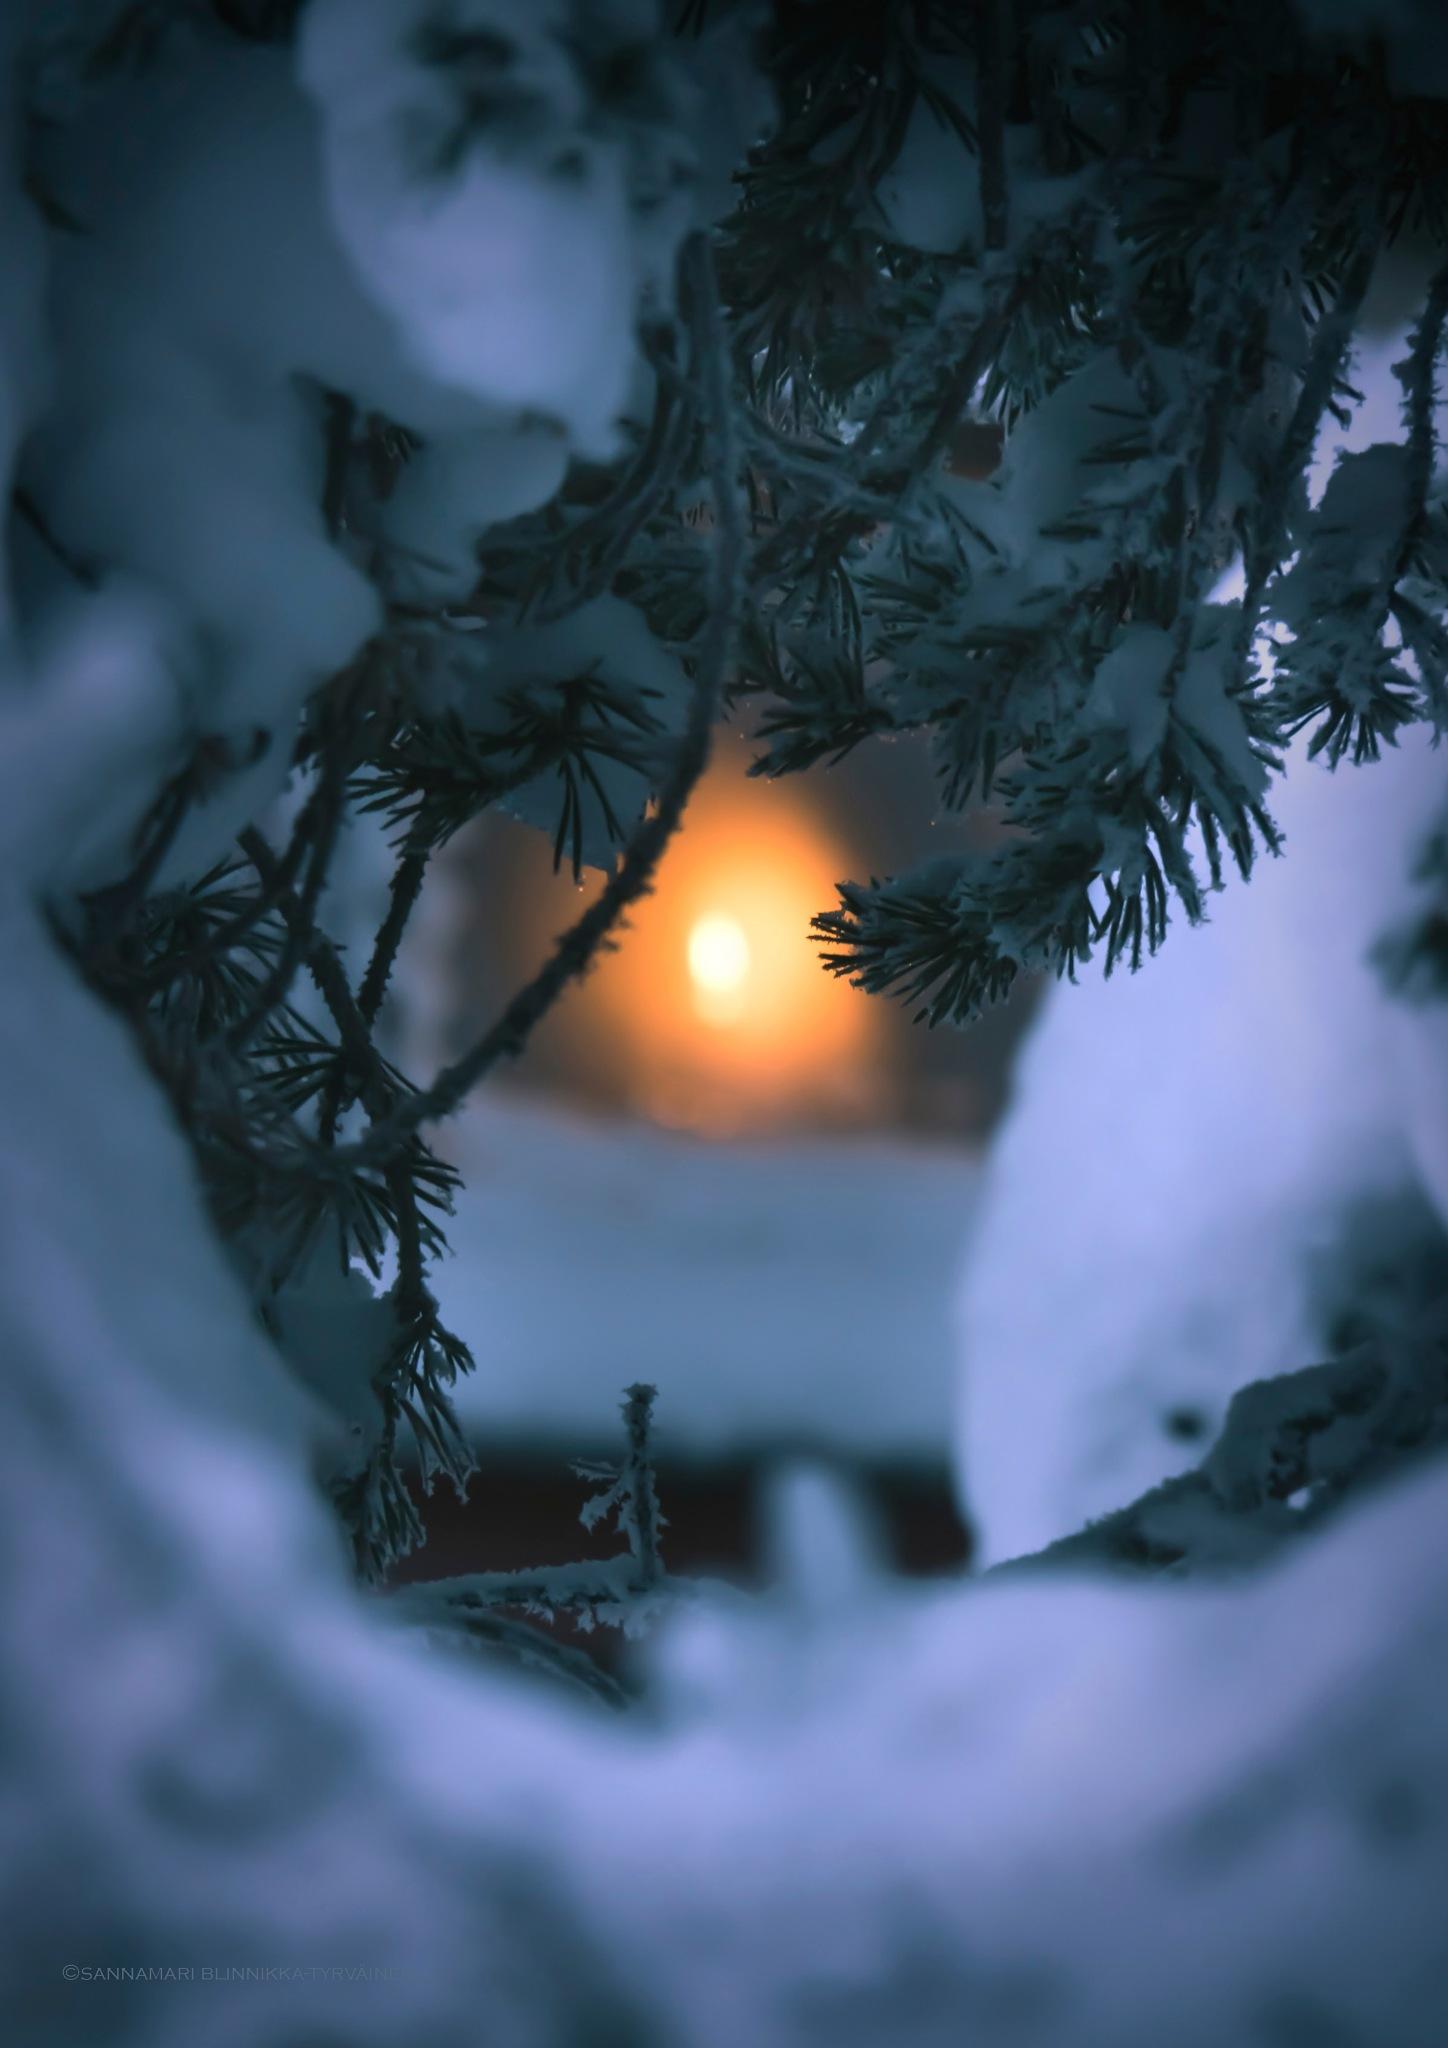 A candle in the window by Sannamari Blinnikka-Tyrväinen